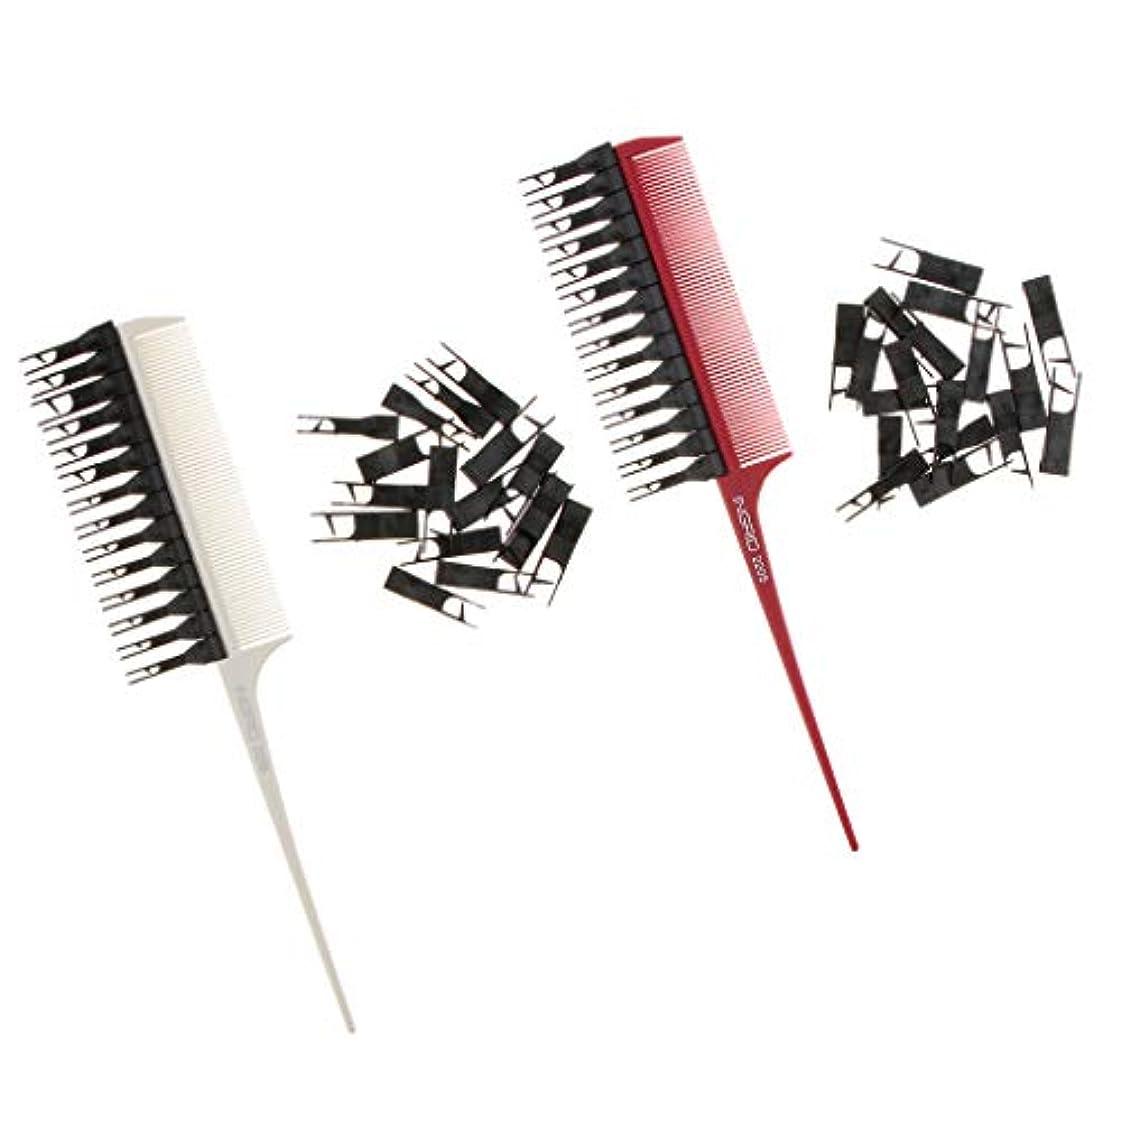 落ち着くレルムカルシウム髪染めブラシ 織りハイライト櫛 ハイライト プラスチック 2個セット